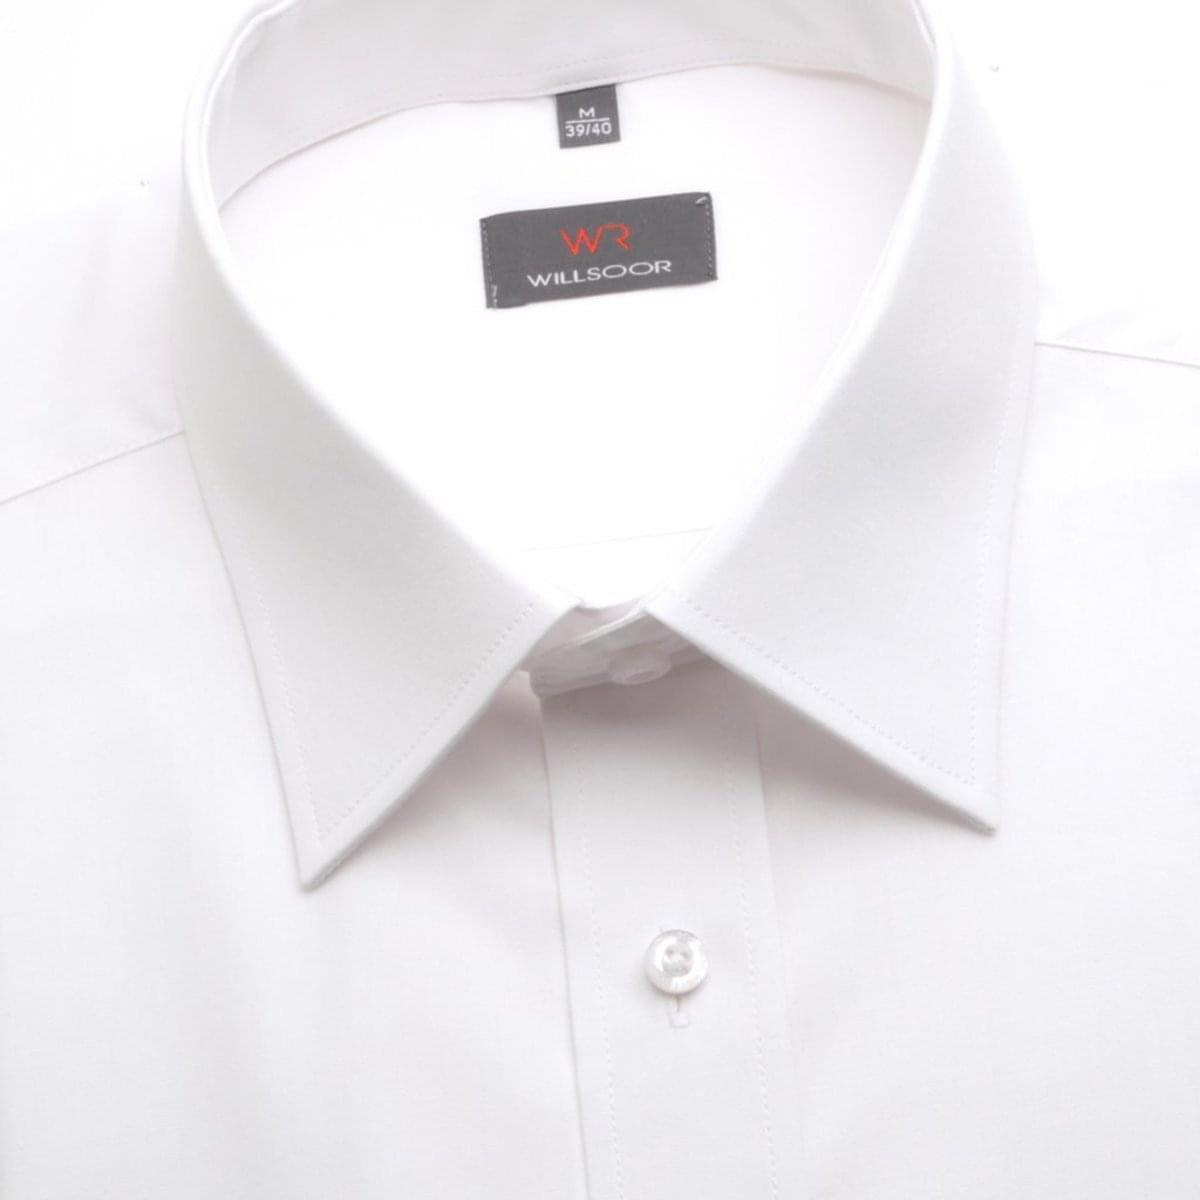 Pánská košile WR Slim Fit (výška 188-194) 1375 188-194 / XL (43/44)